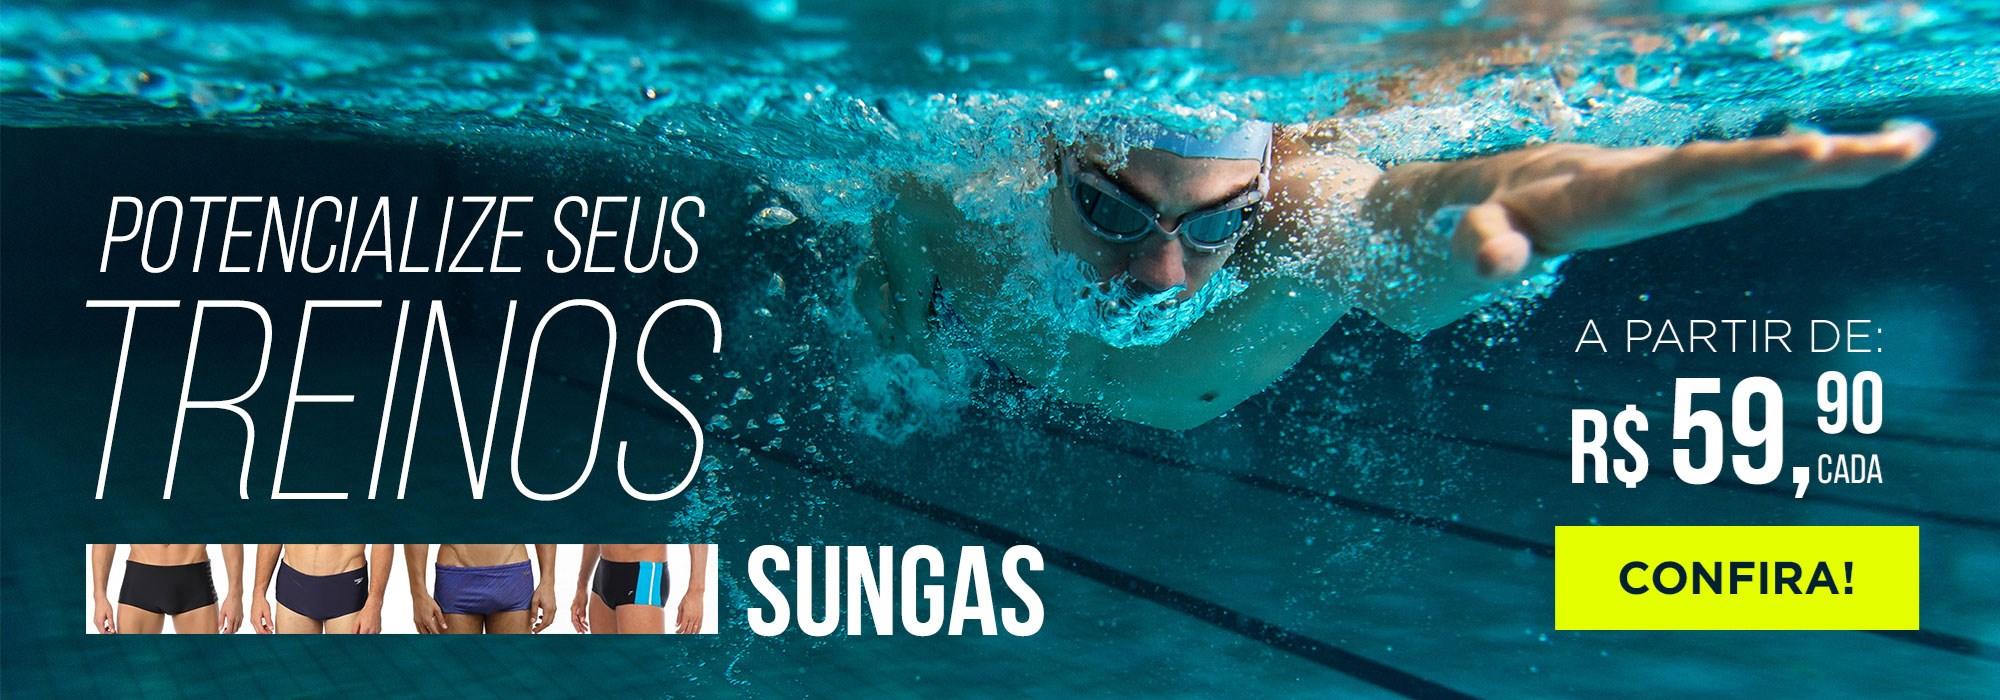 SUNGAS - A PARTIR DE R$ 59,90